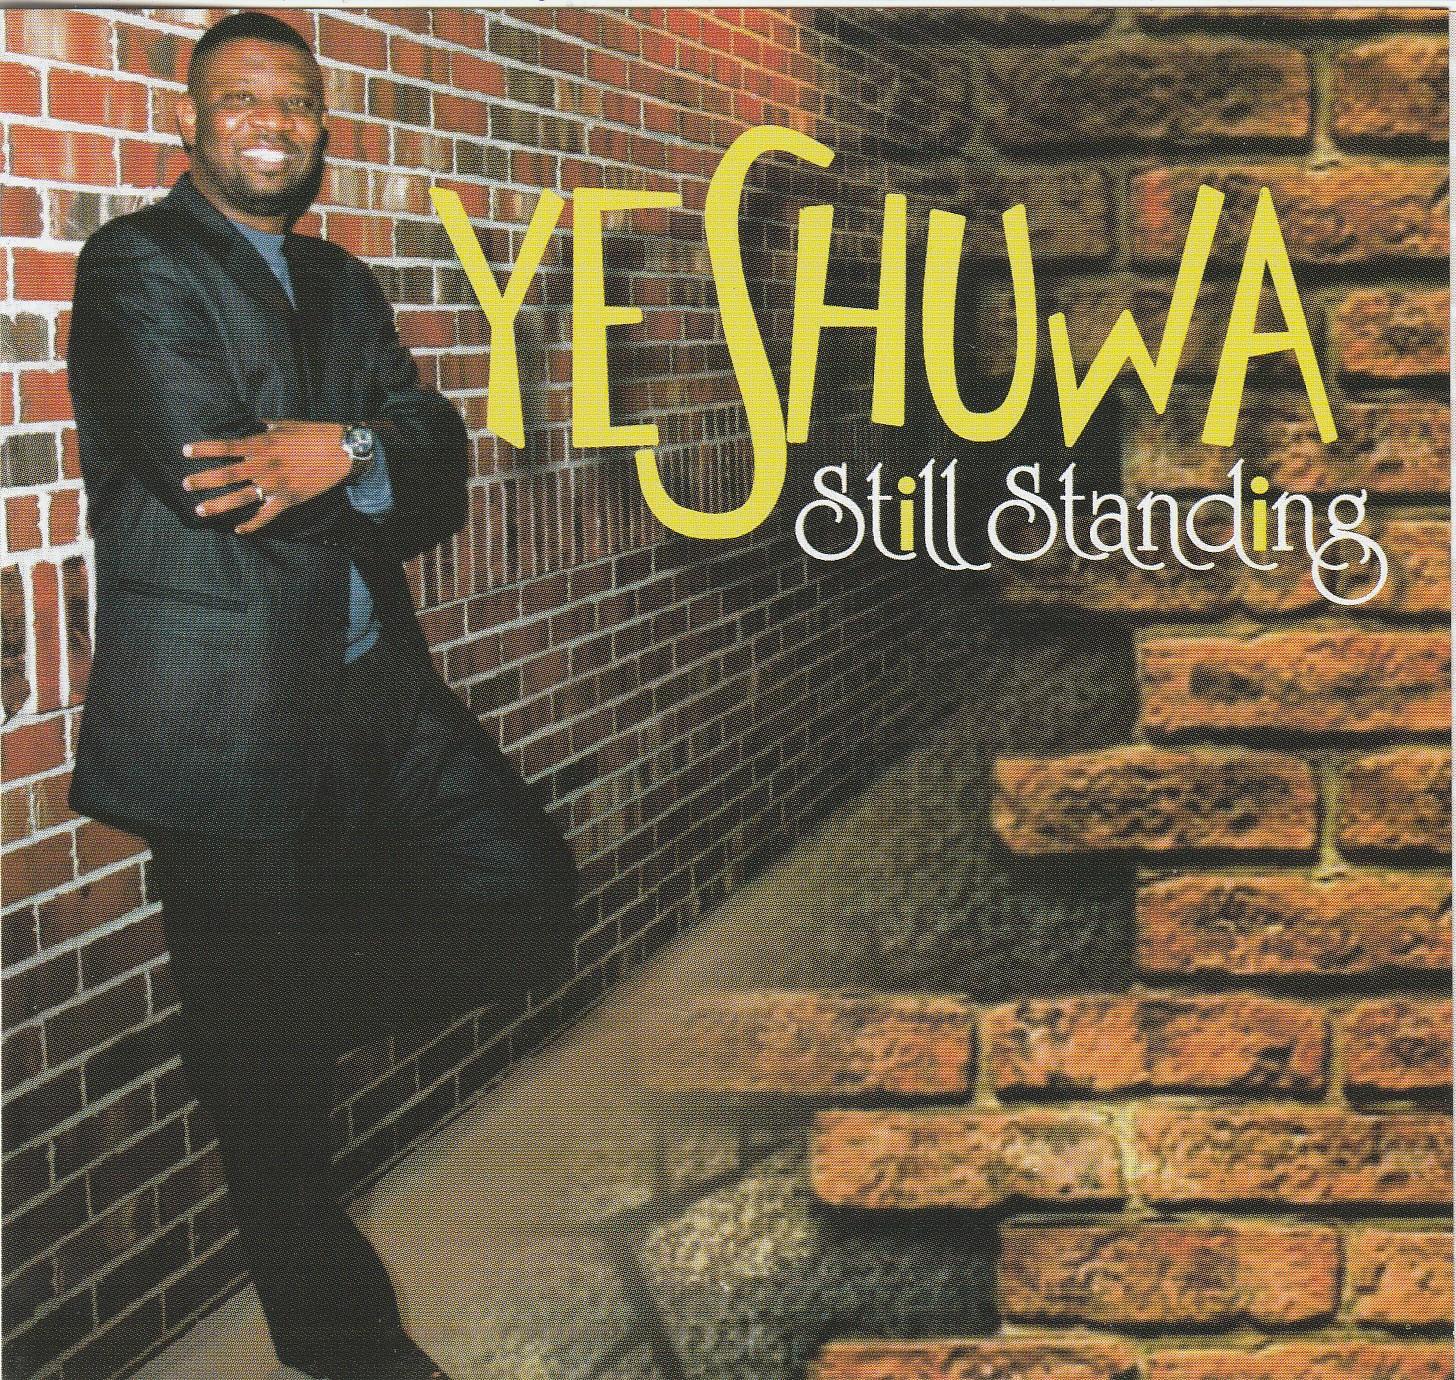 Audio: Yeshuwa - Still Standing | @Yeshuwamusic